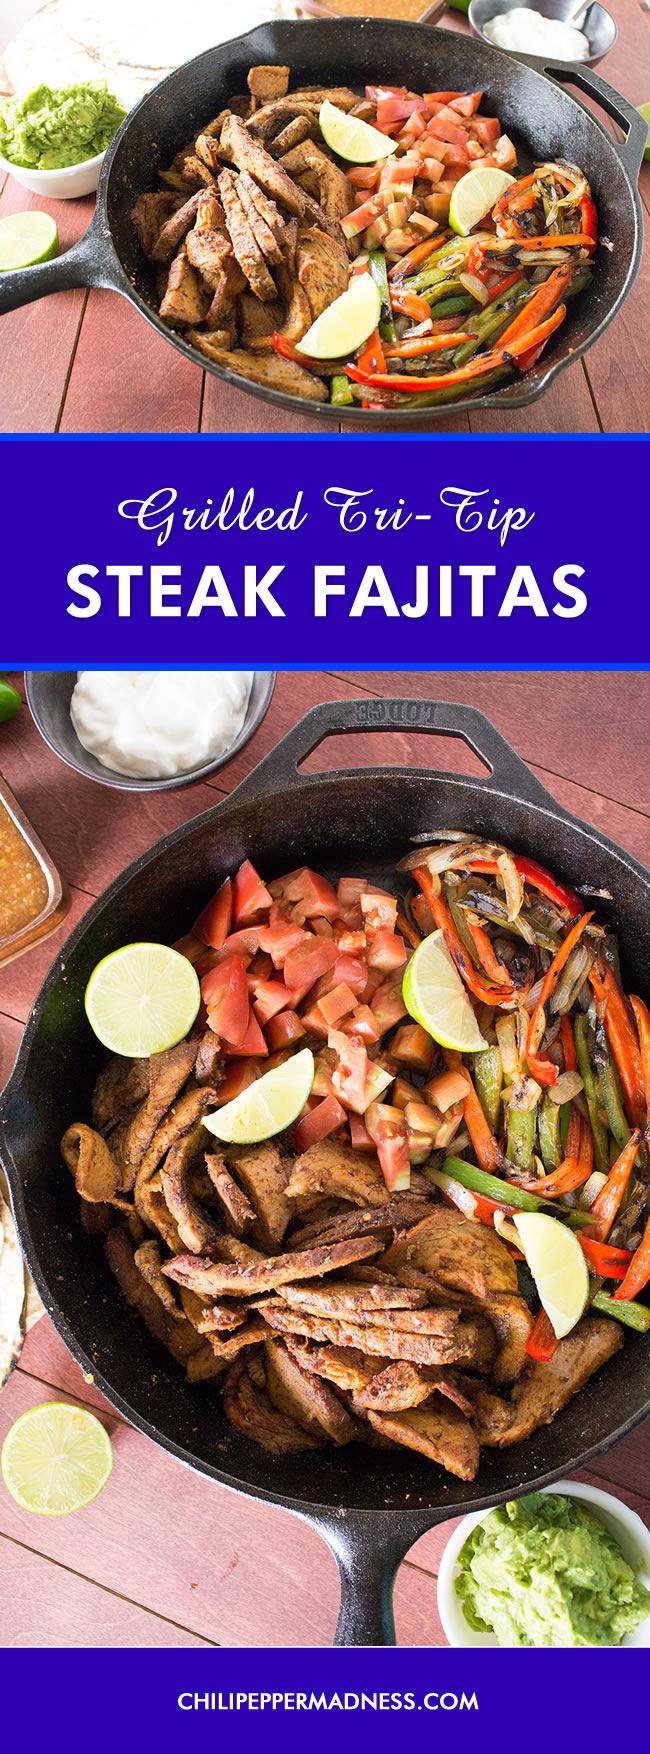 Grilled Tri-Tip Steak Fajitas - Recipe